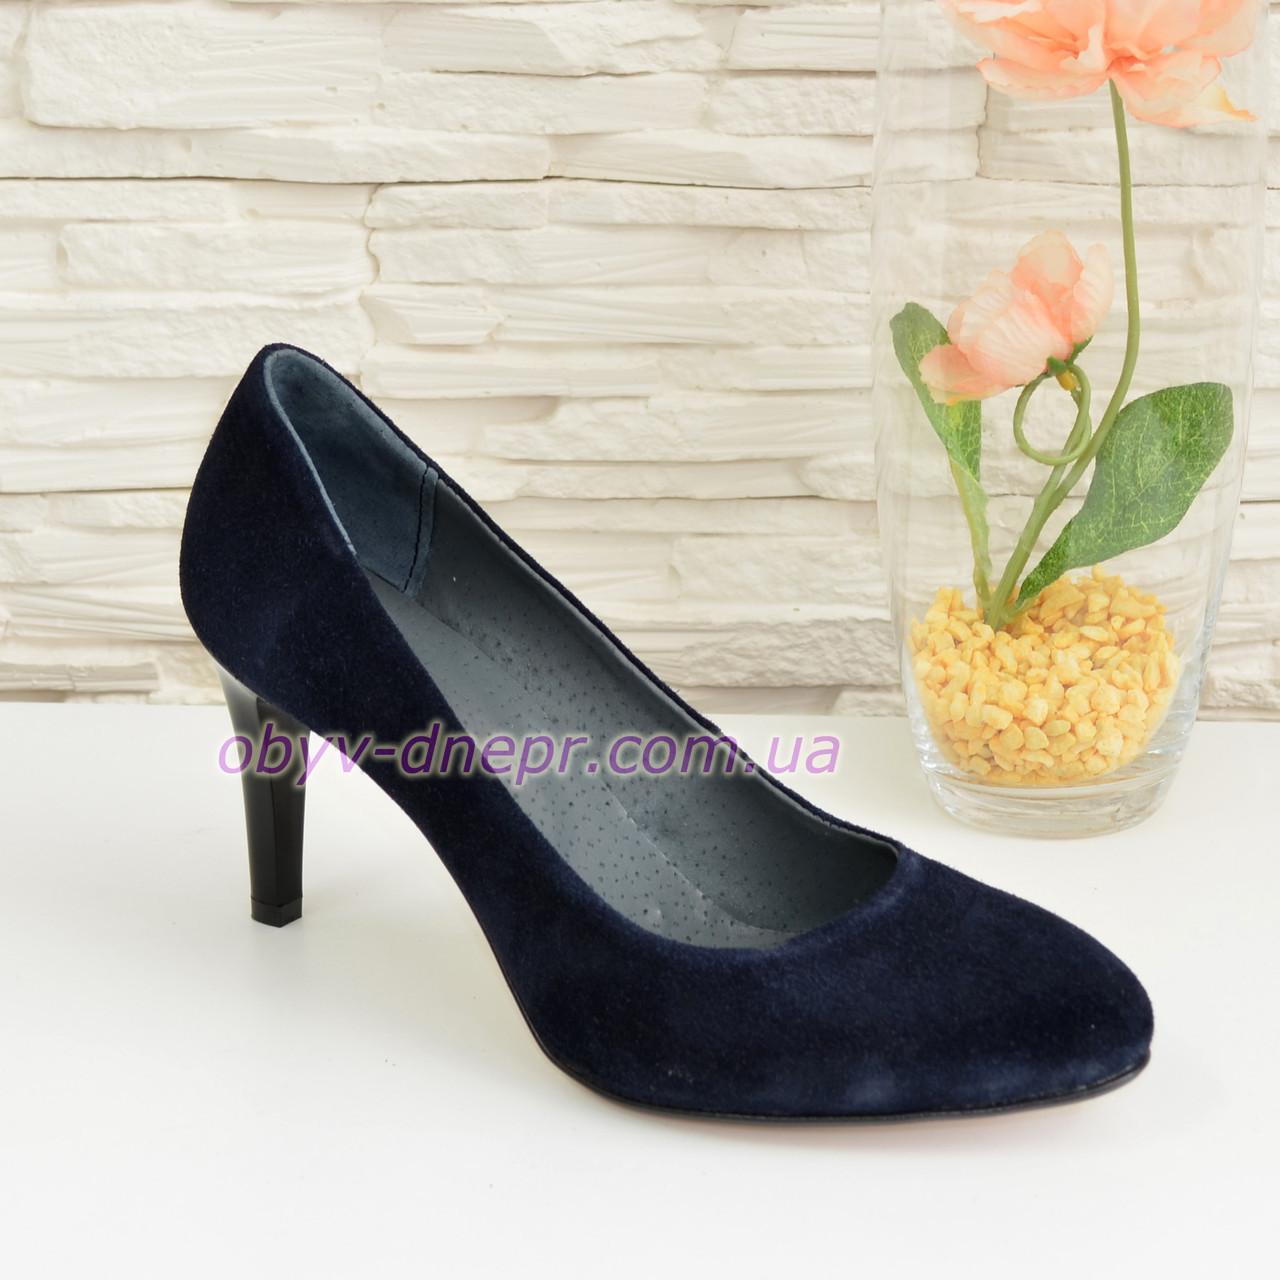 Туфли женские классические замшевые синие на шпильке!